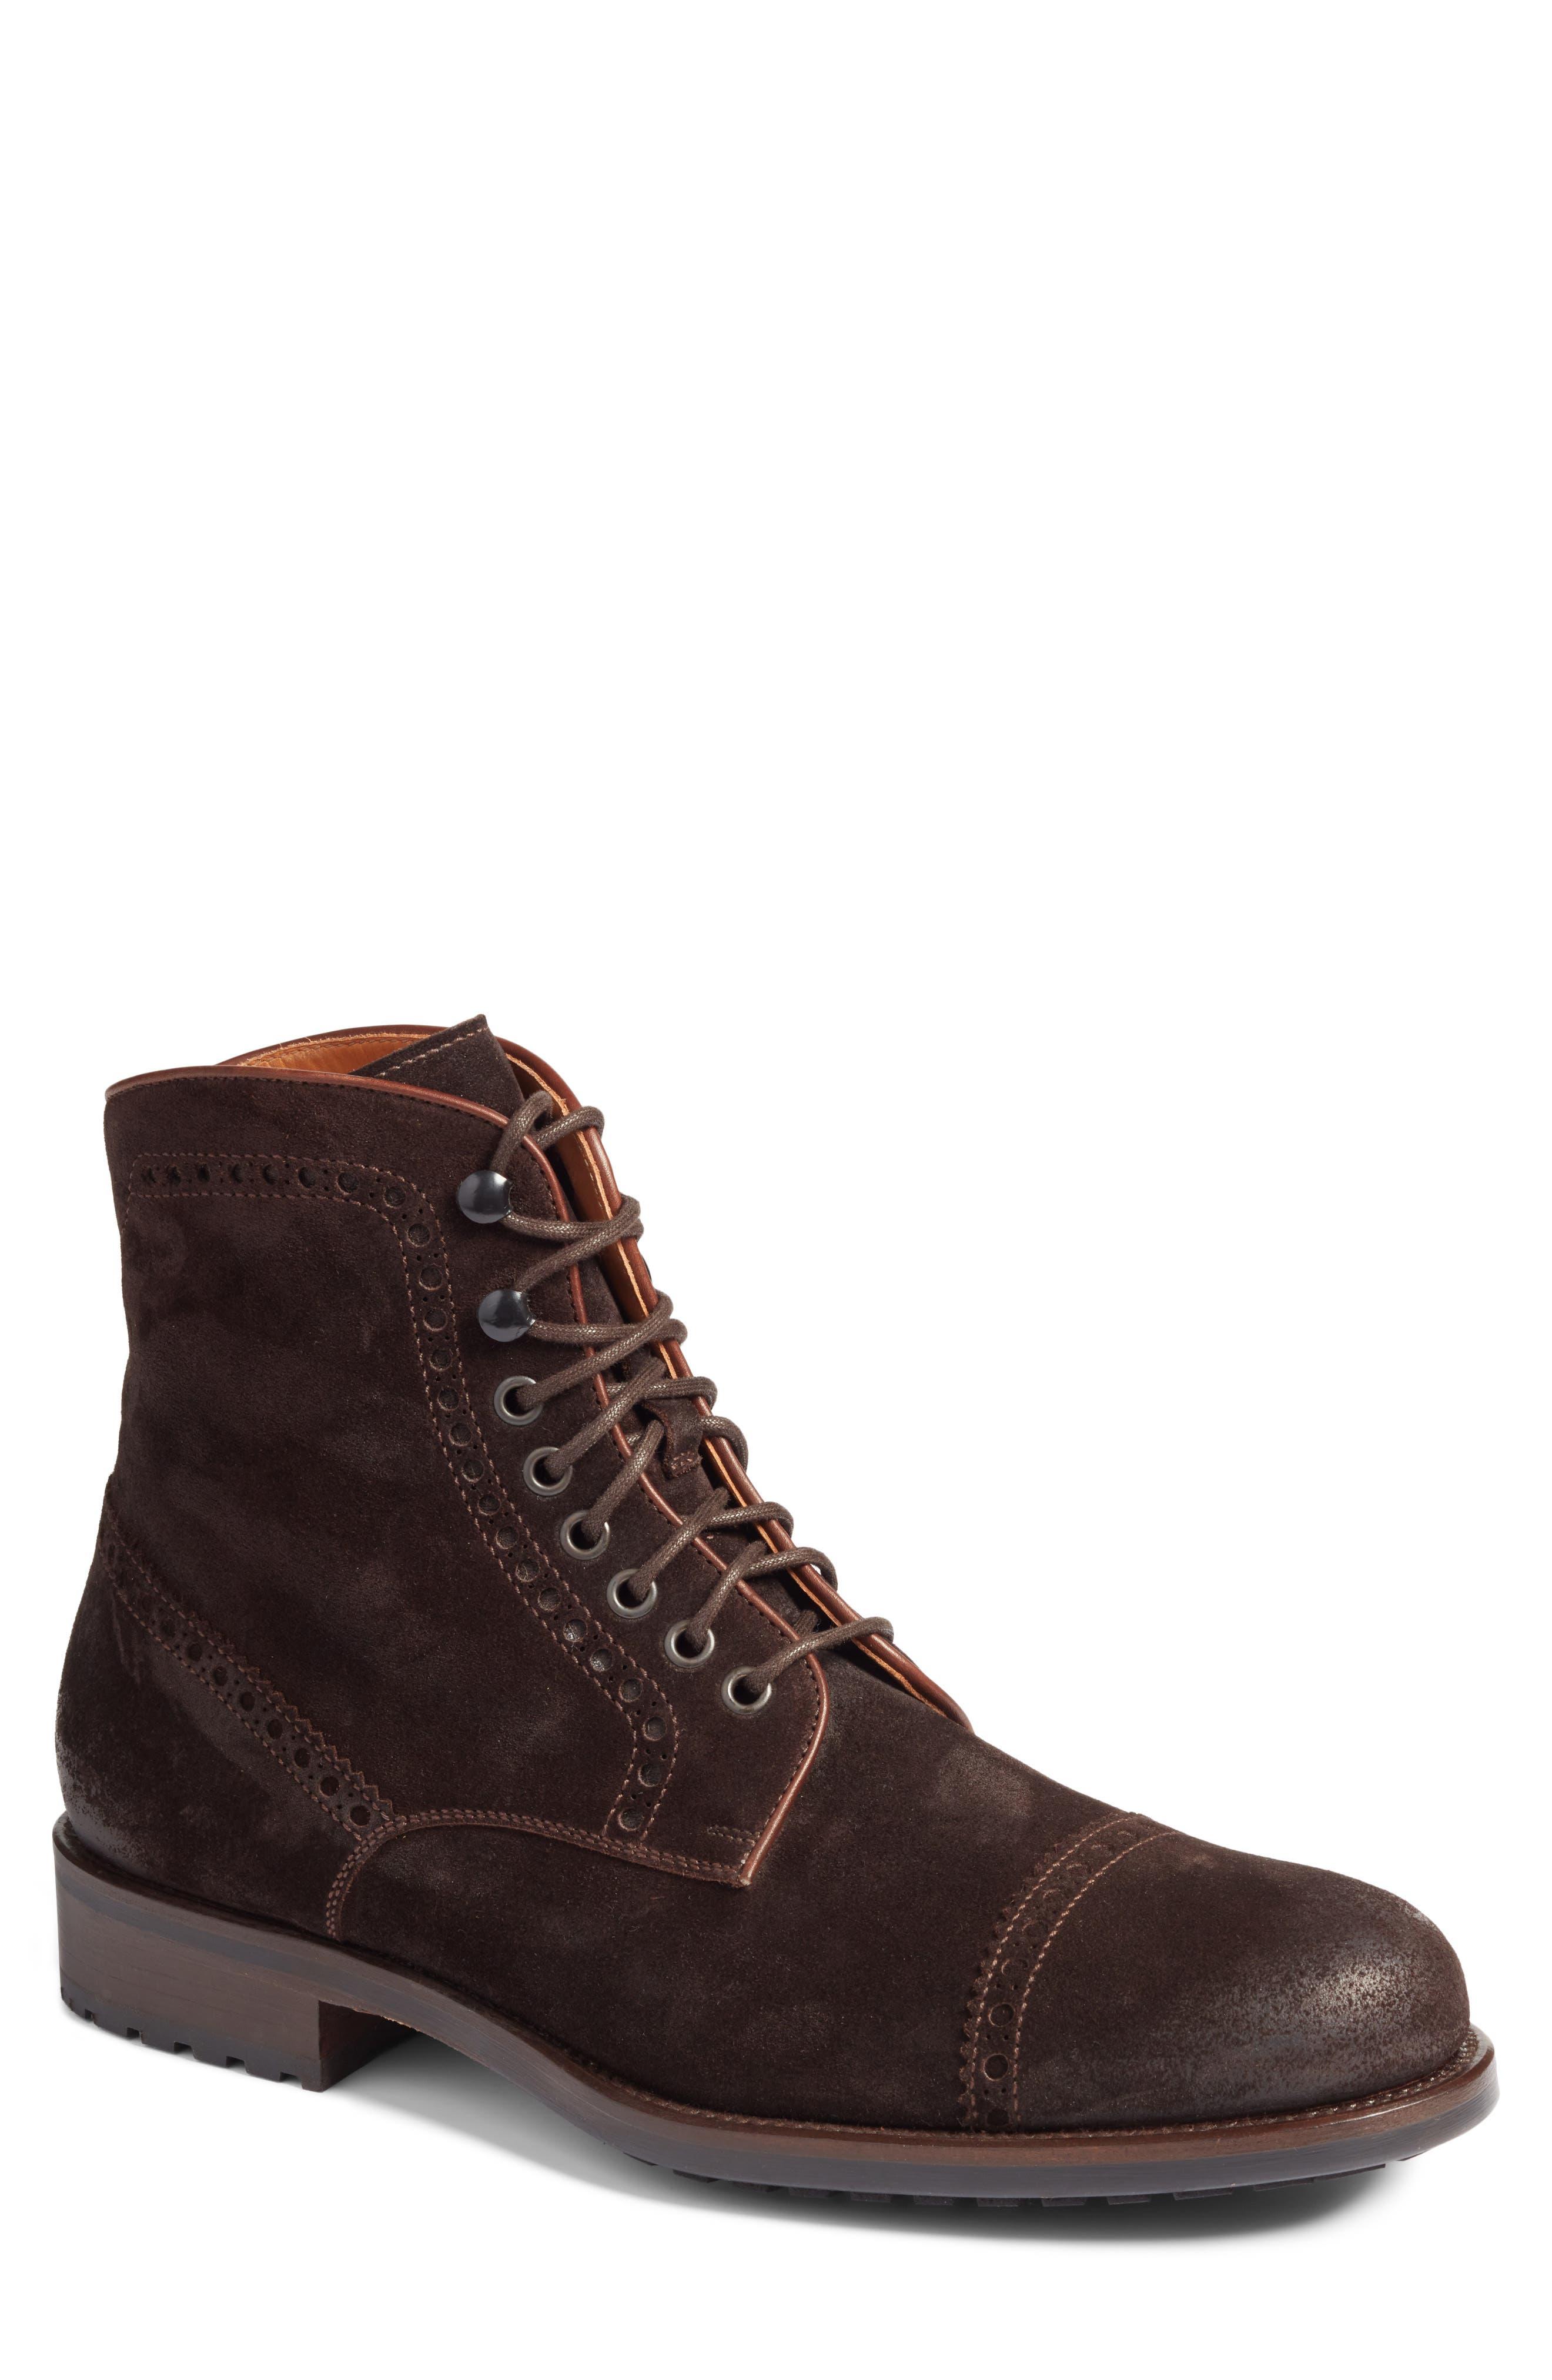 Magnanni Palmer Cap Toe Boot (Men)